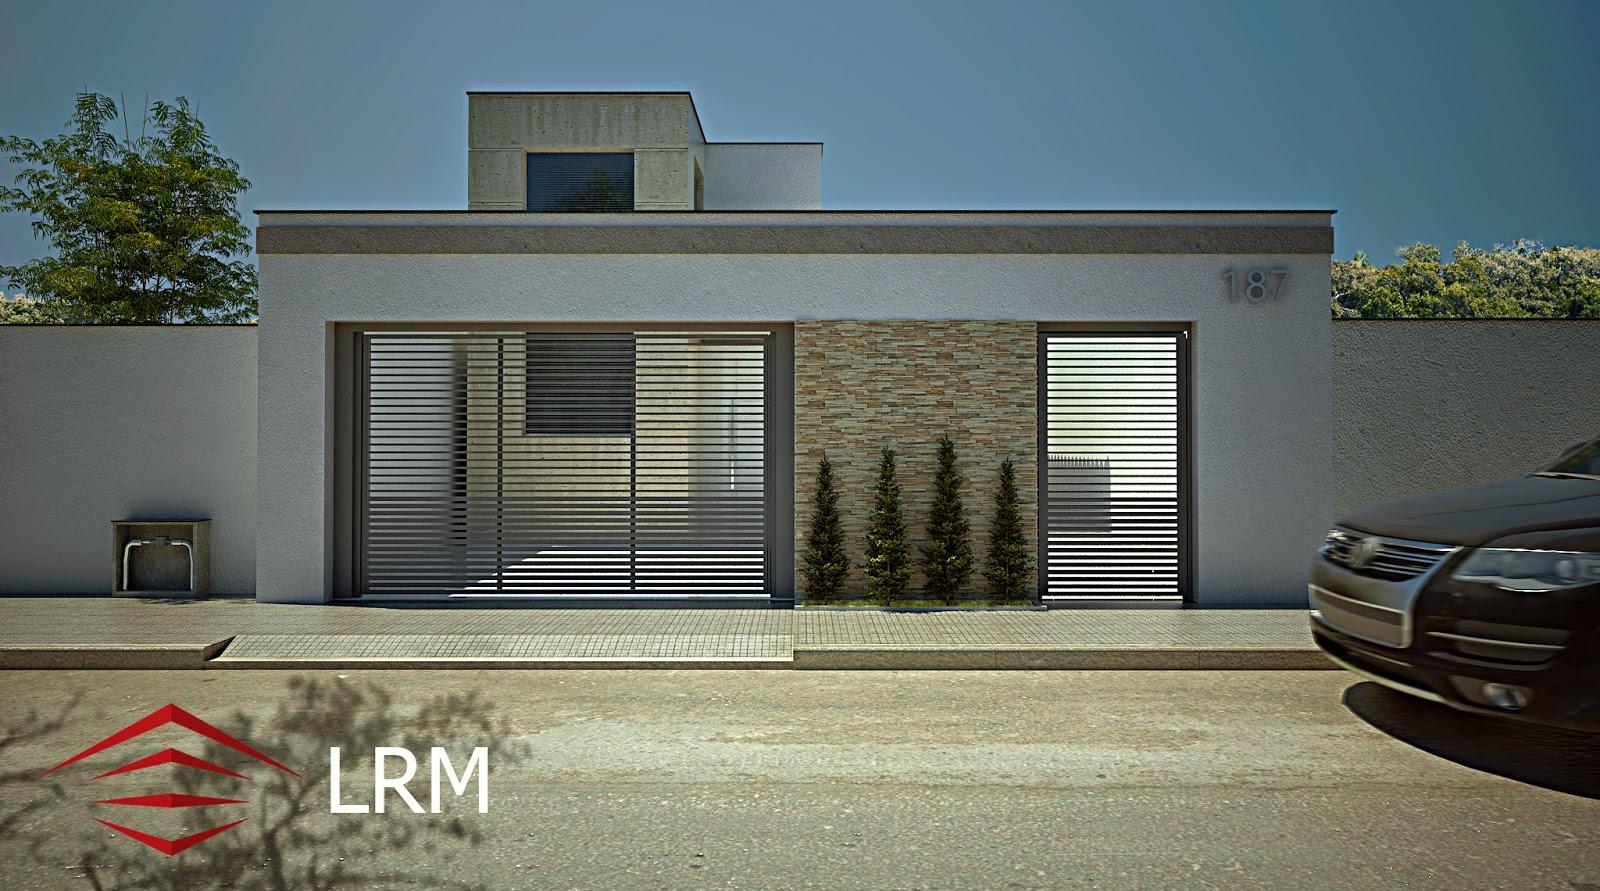 Lrm projetos arquitet nicos 3d fachada de casa for Casa contemporanea